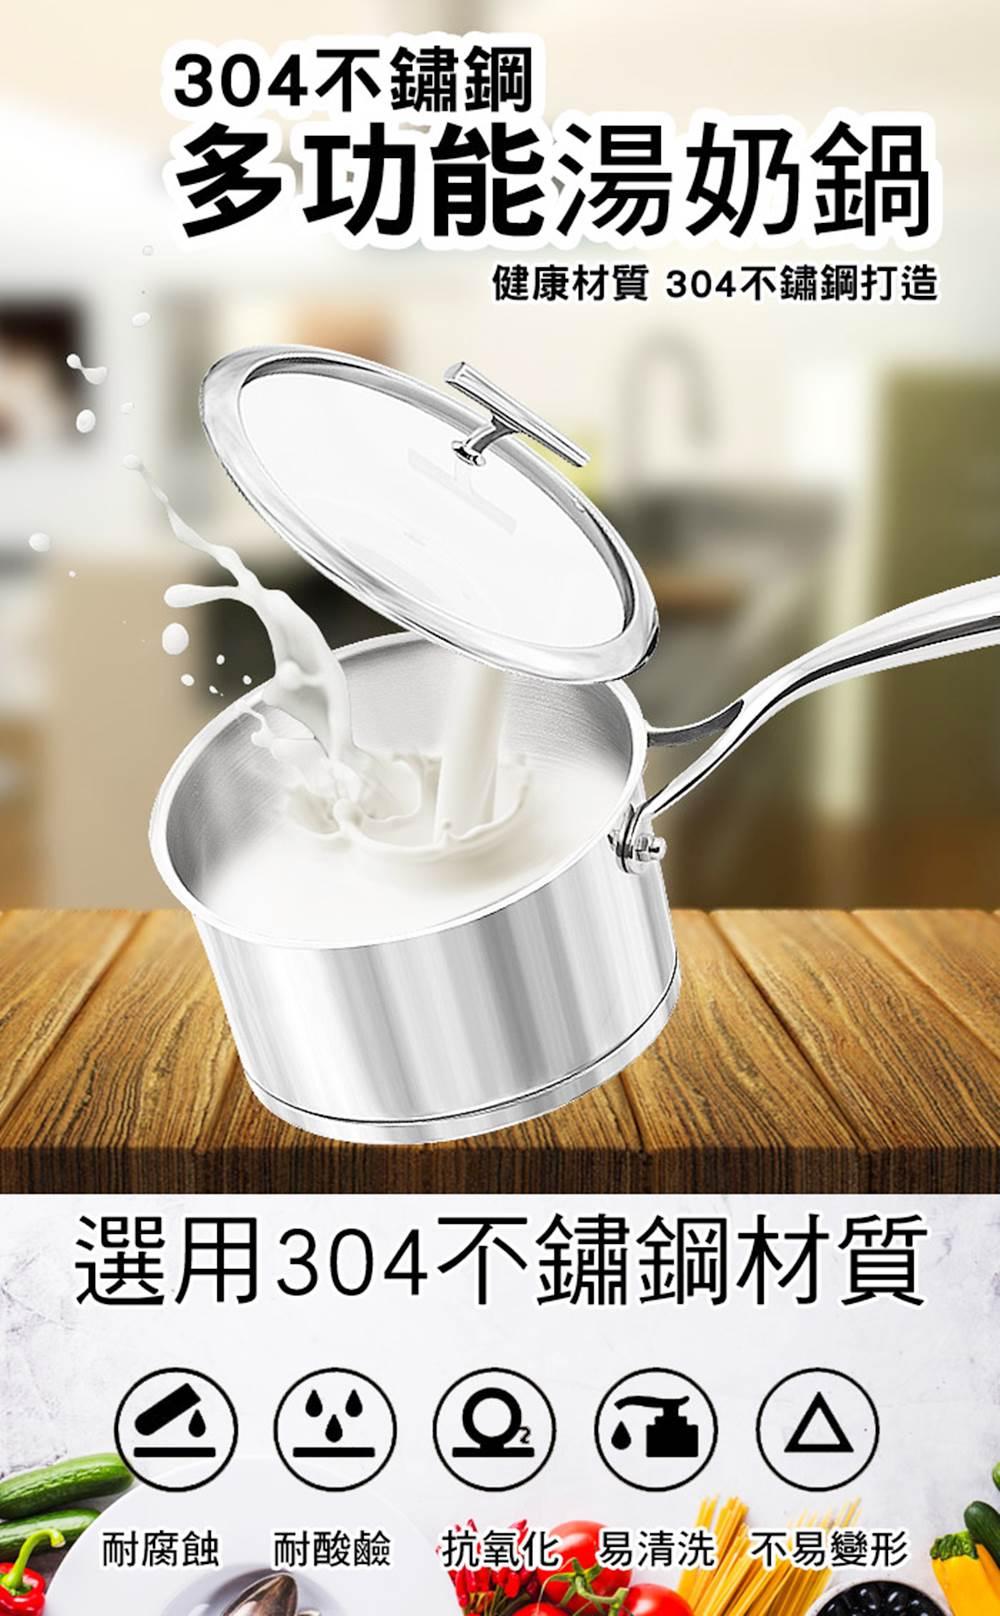 蔥媽媽 304不鏽鋼 鏡面多功能湯奶鍋組